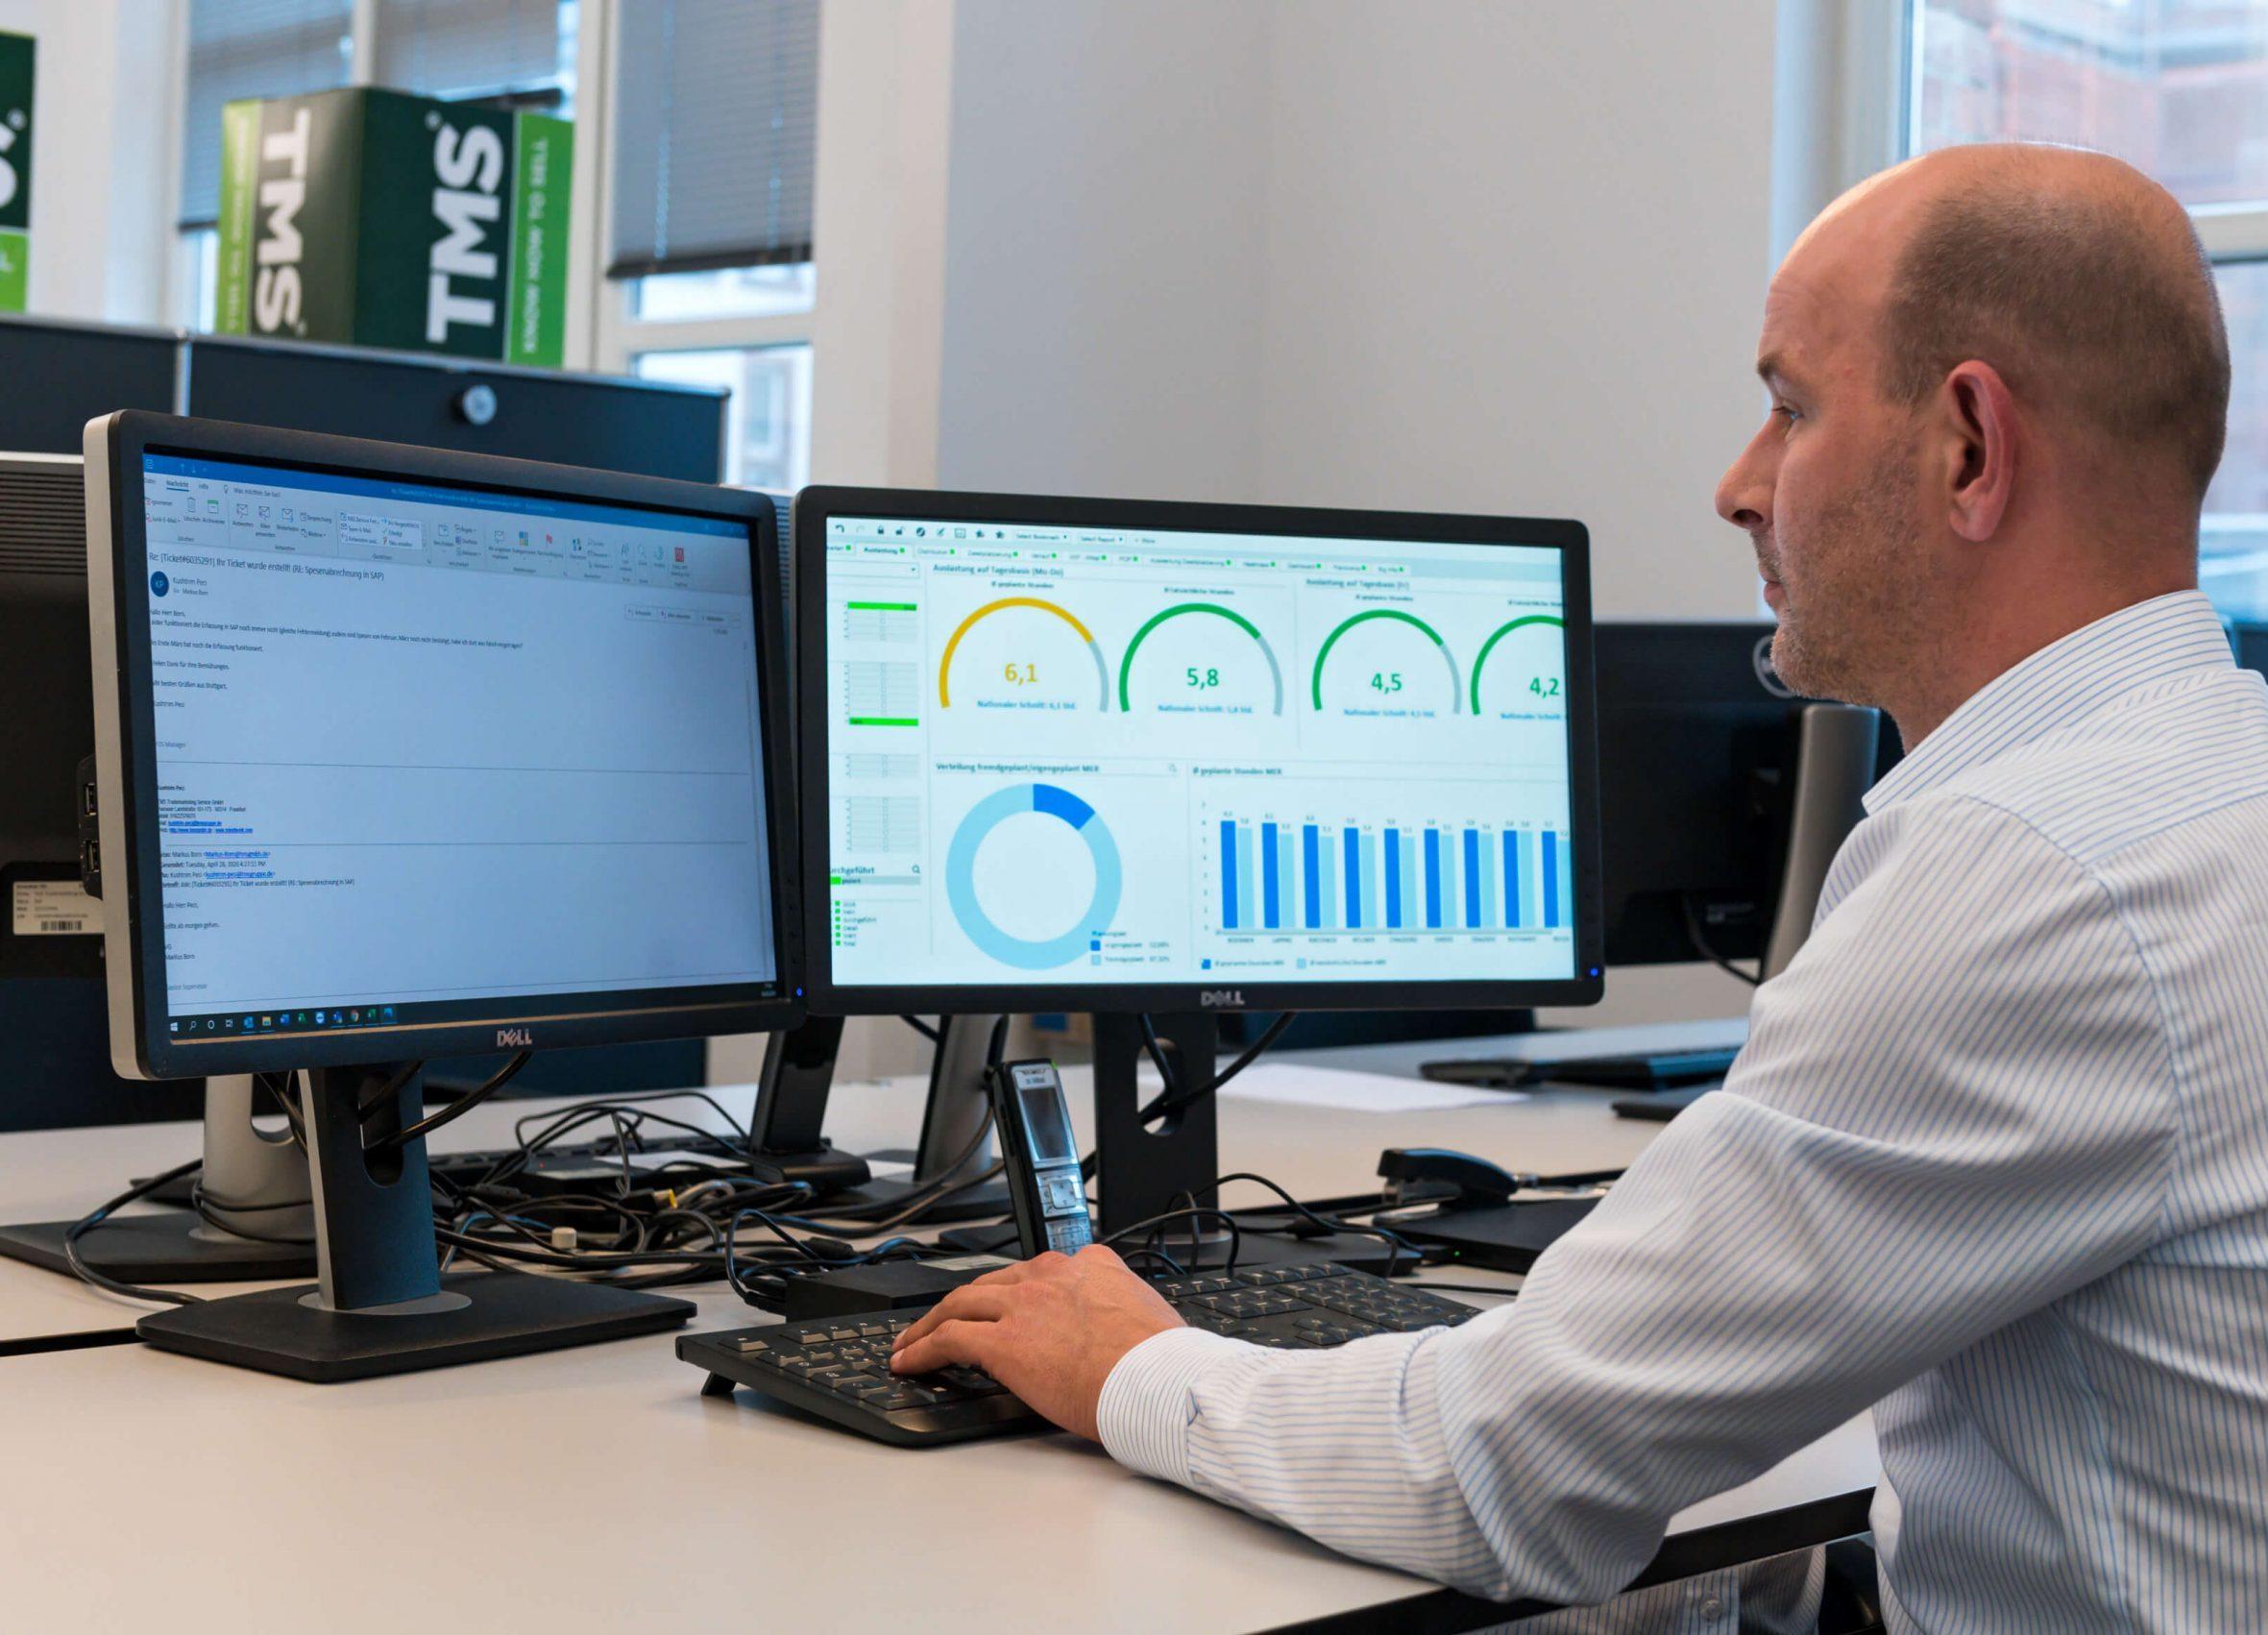 Ein Mann sitzt vor einem Bildschirm mit Auswertungen